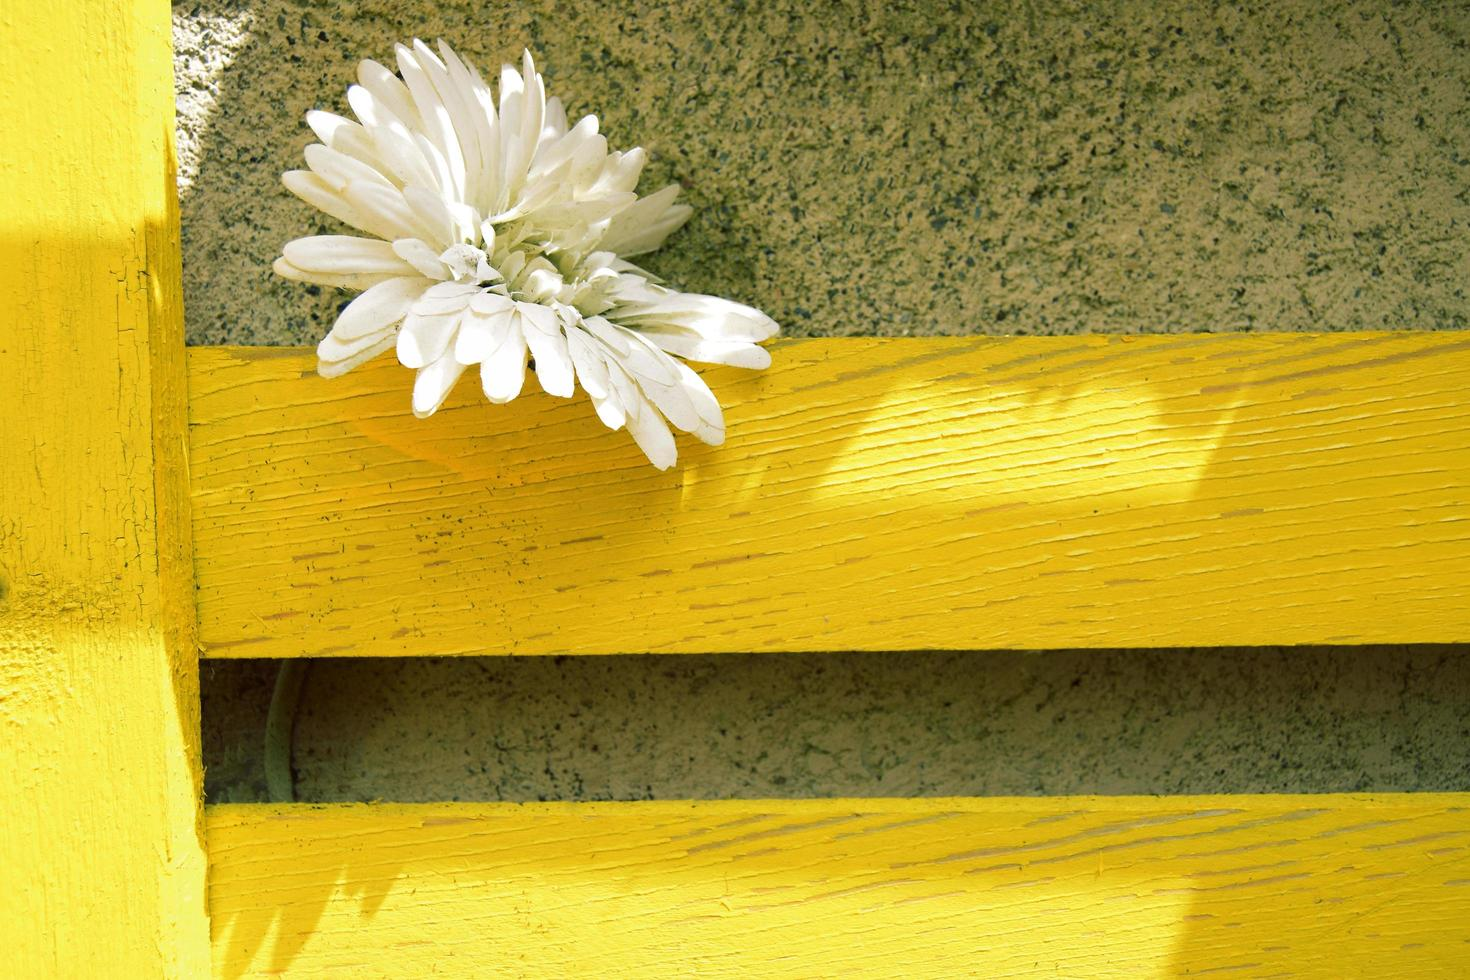 flor blanca sobre tabla de madera amarilla foto